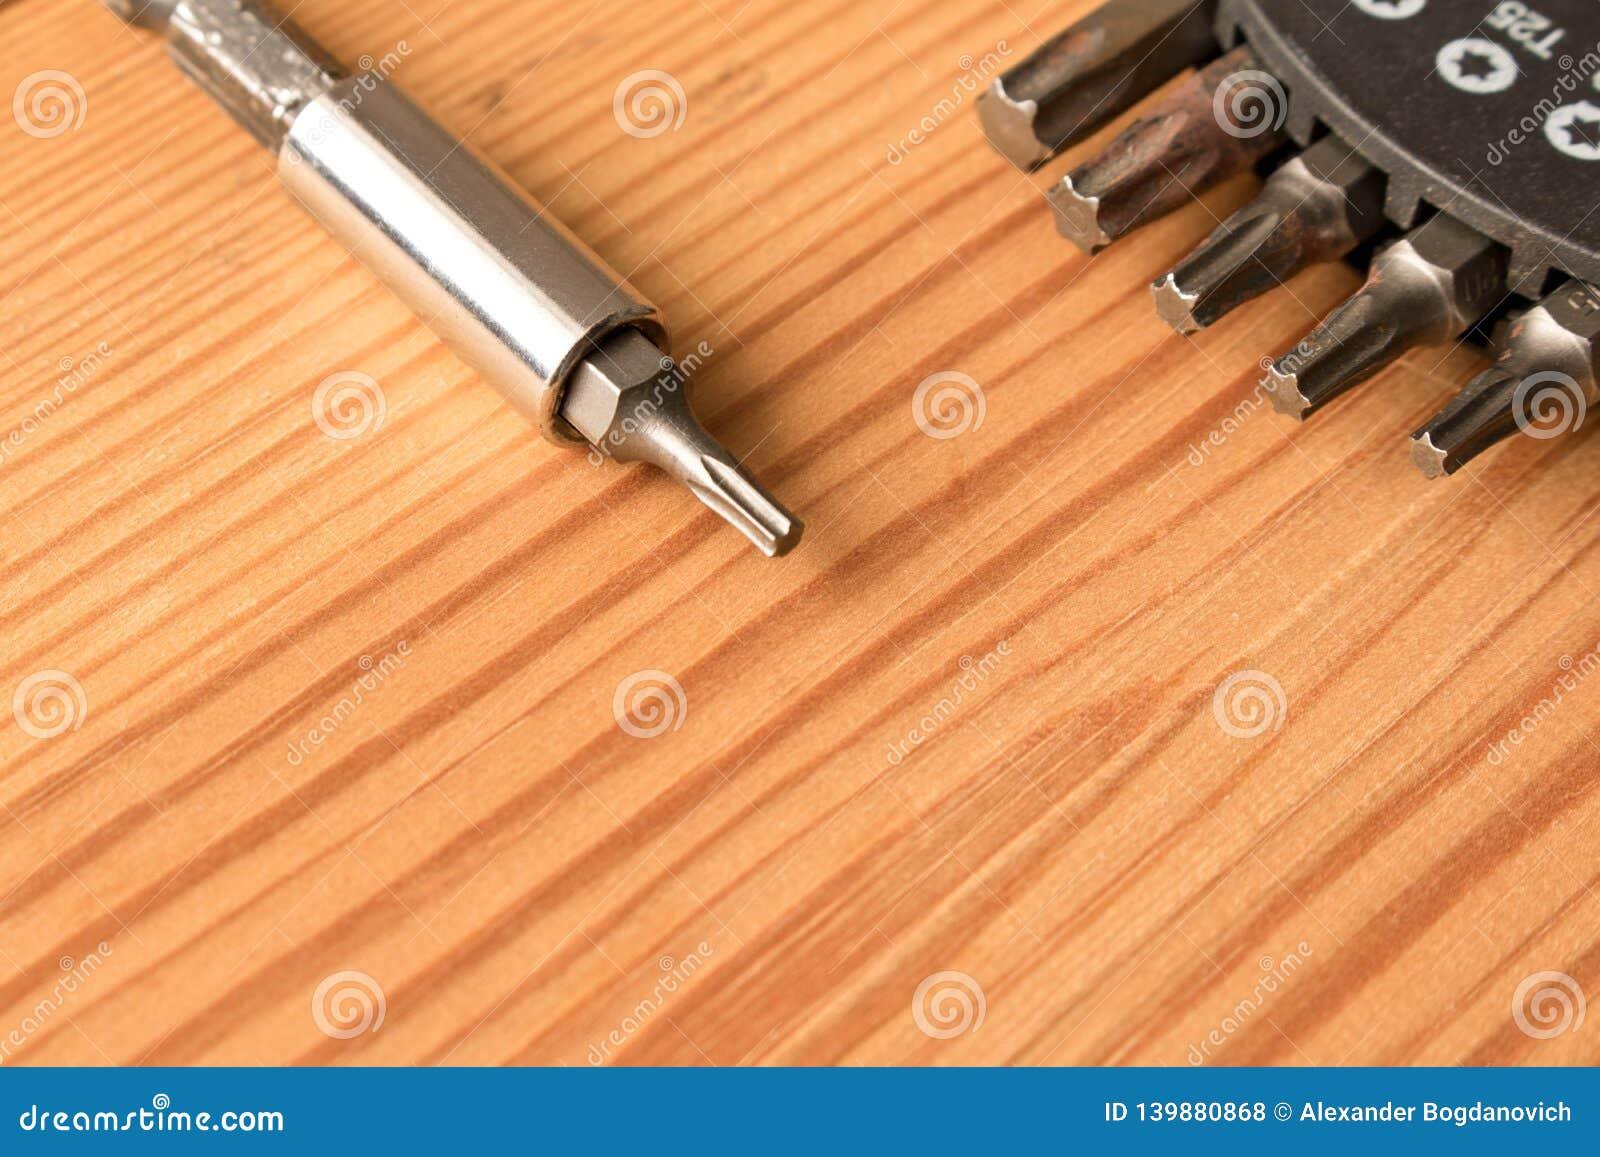 Ajuste dos bocados na tabela de madeira O conceito do trabalho Dia do Trabalhador